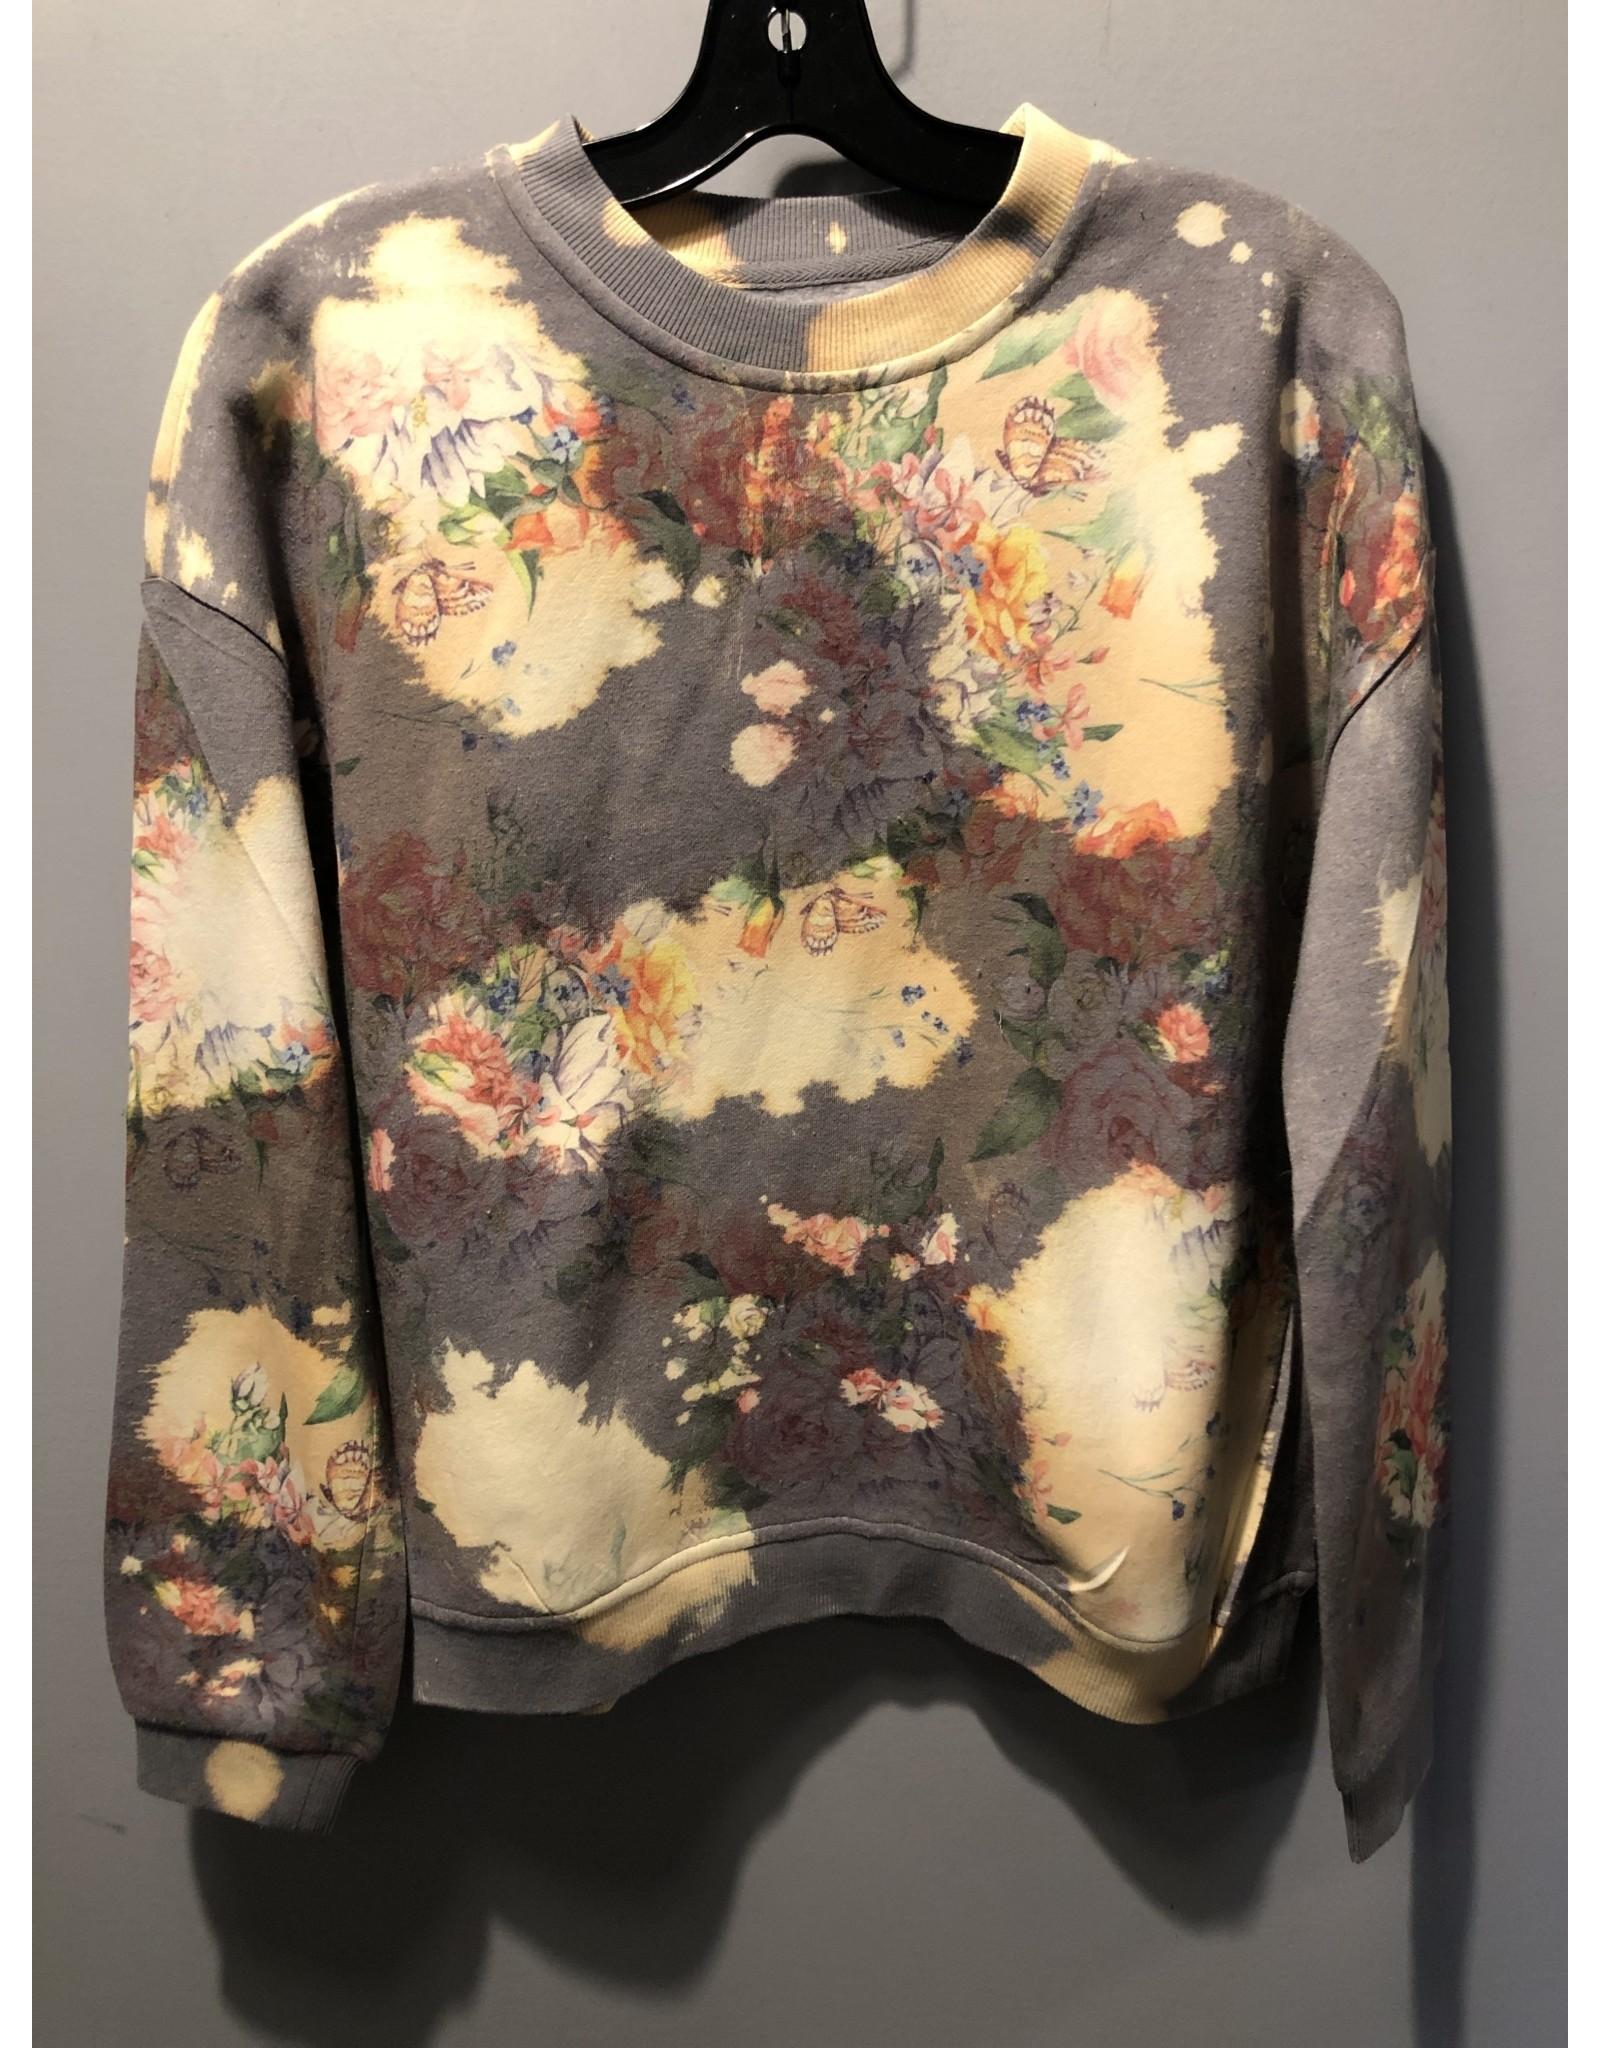 The Nu Vintage Bleach Distressed Floral Sweatshirt